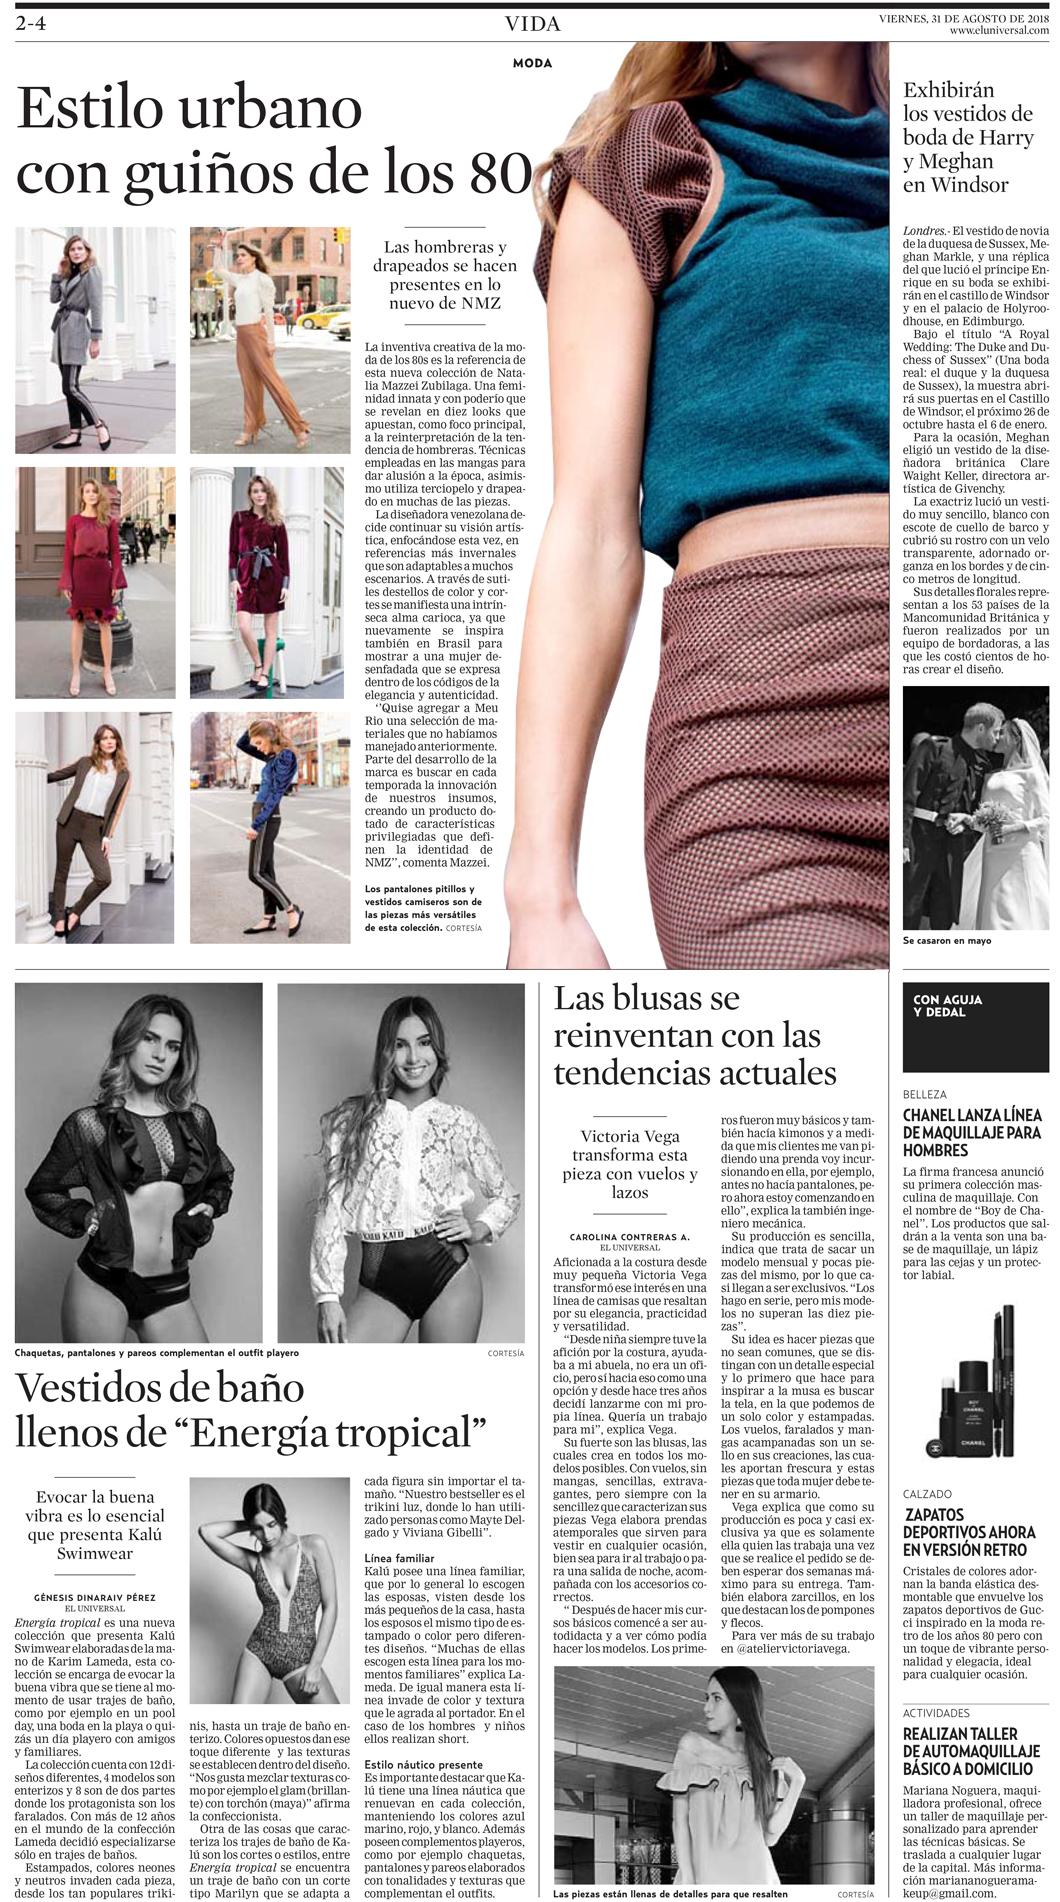 Diario EL UNIVERSAL - Agosto 2018